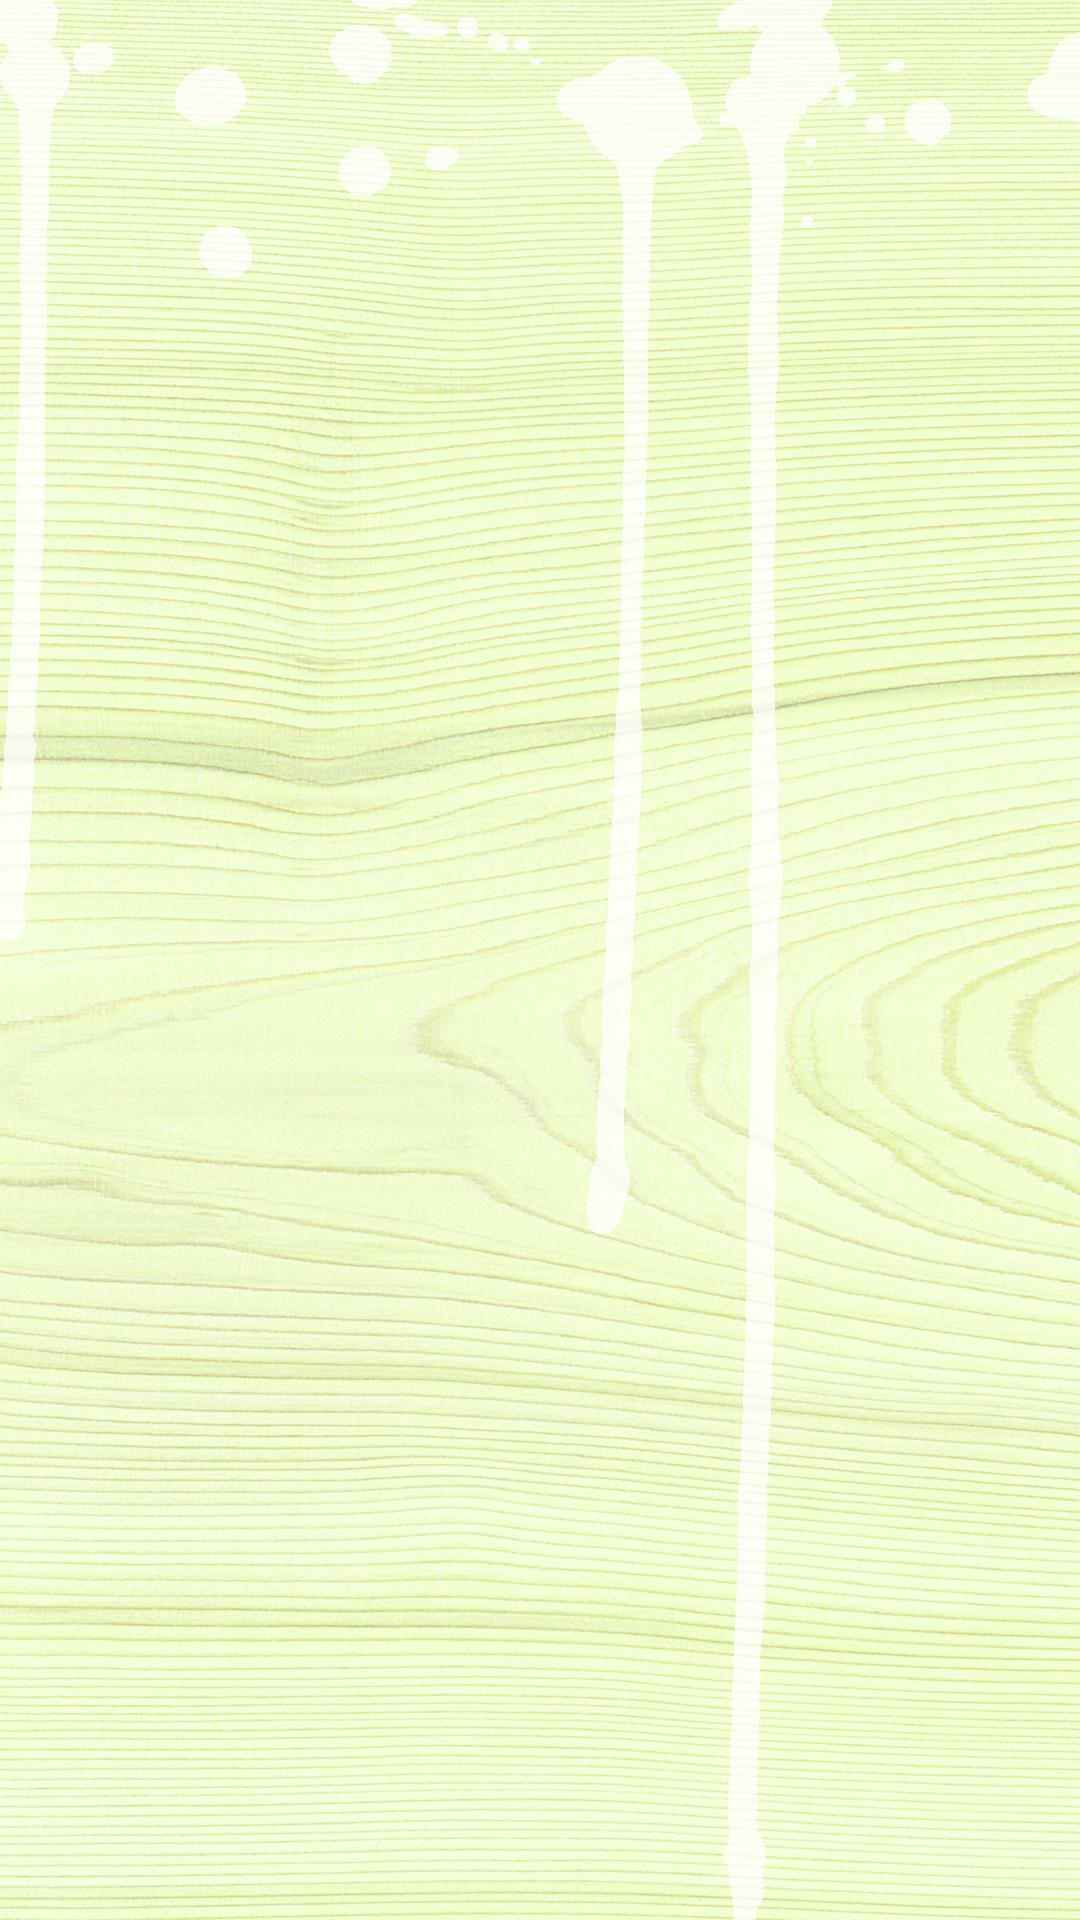 スマホFullHD壁紙